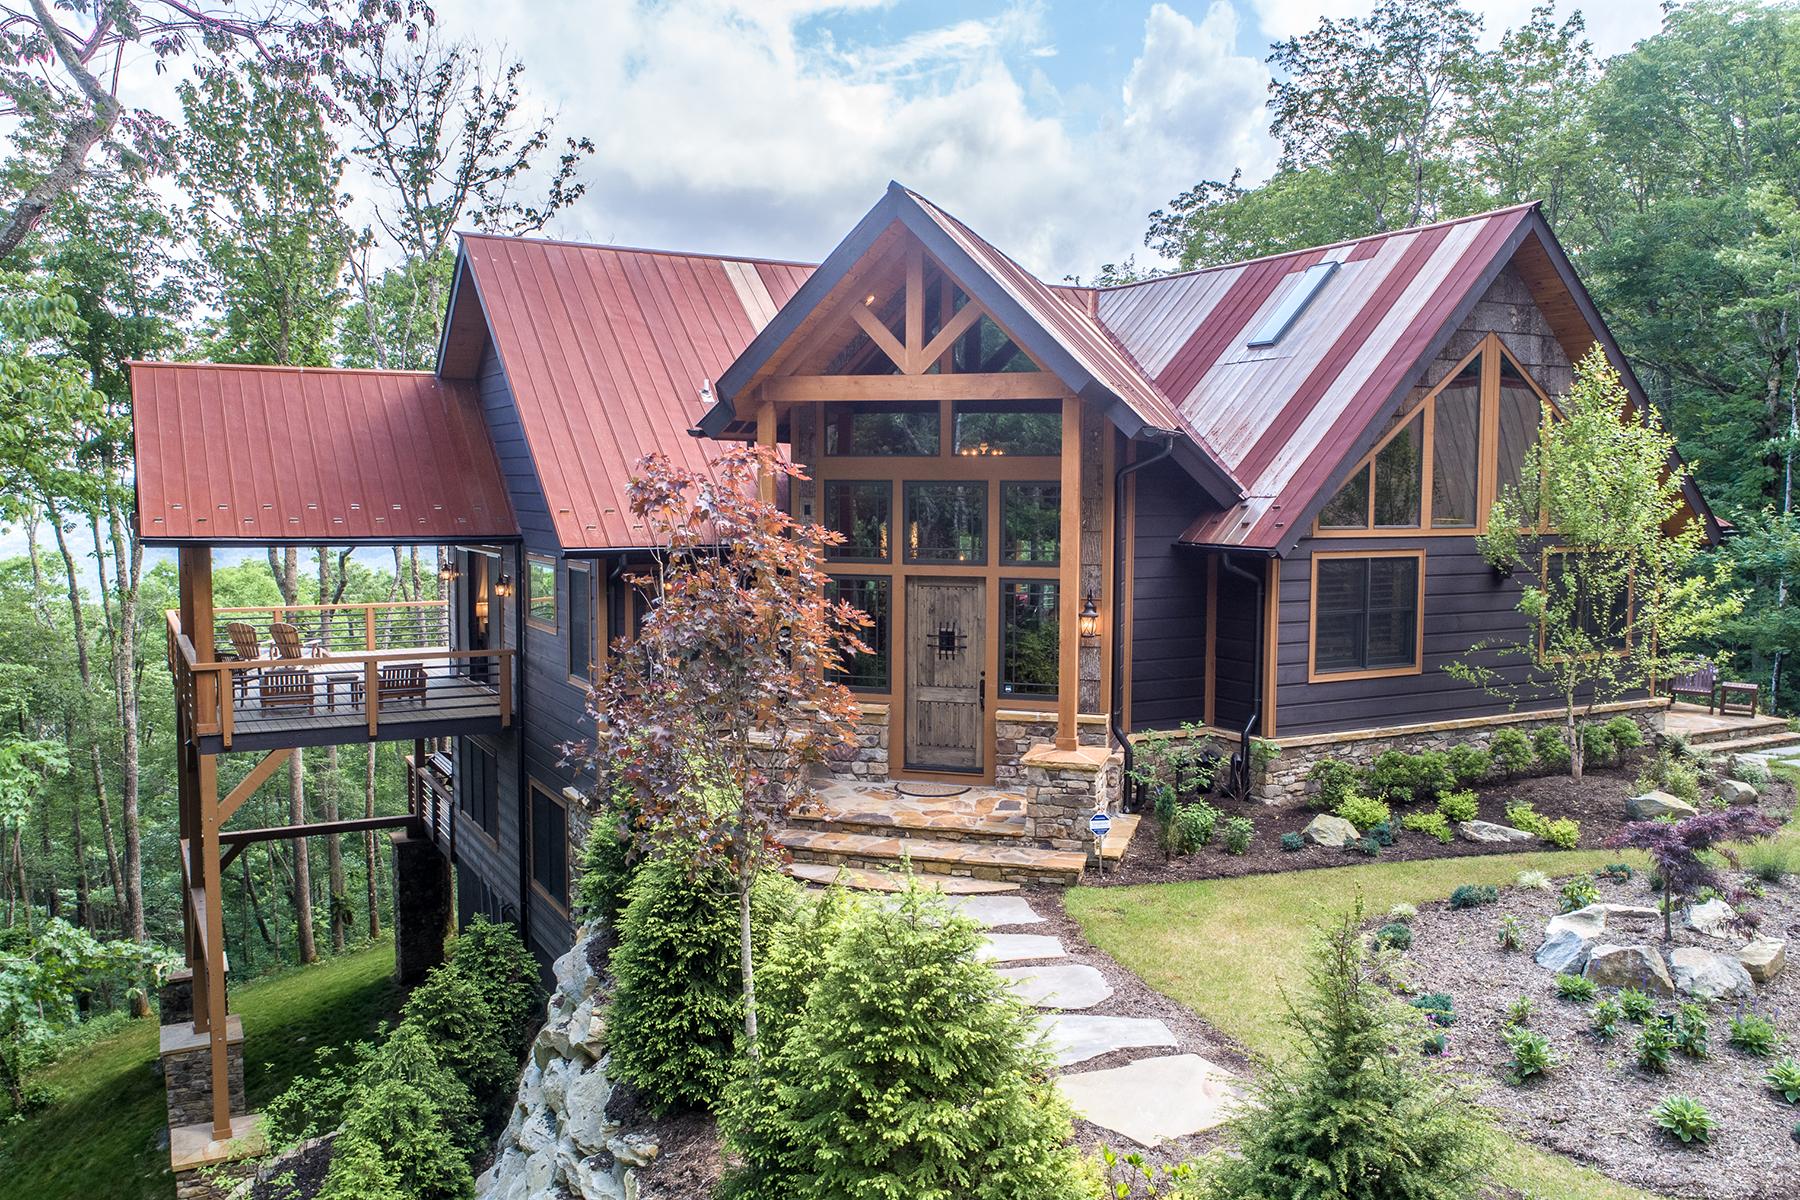 Single Family Homes for Sale at BANNER ELK - THE LODGES AT EAGLES NEST 228 Lodge Woods Trl Banner Elk, North Carolina 28604 United States